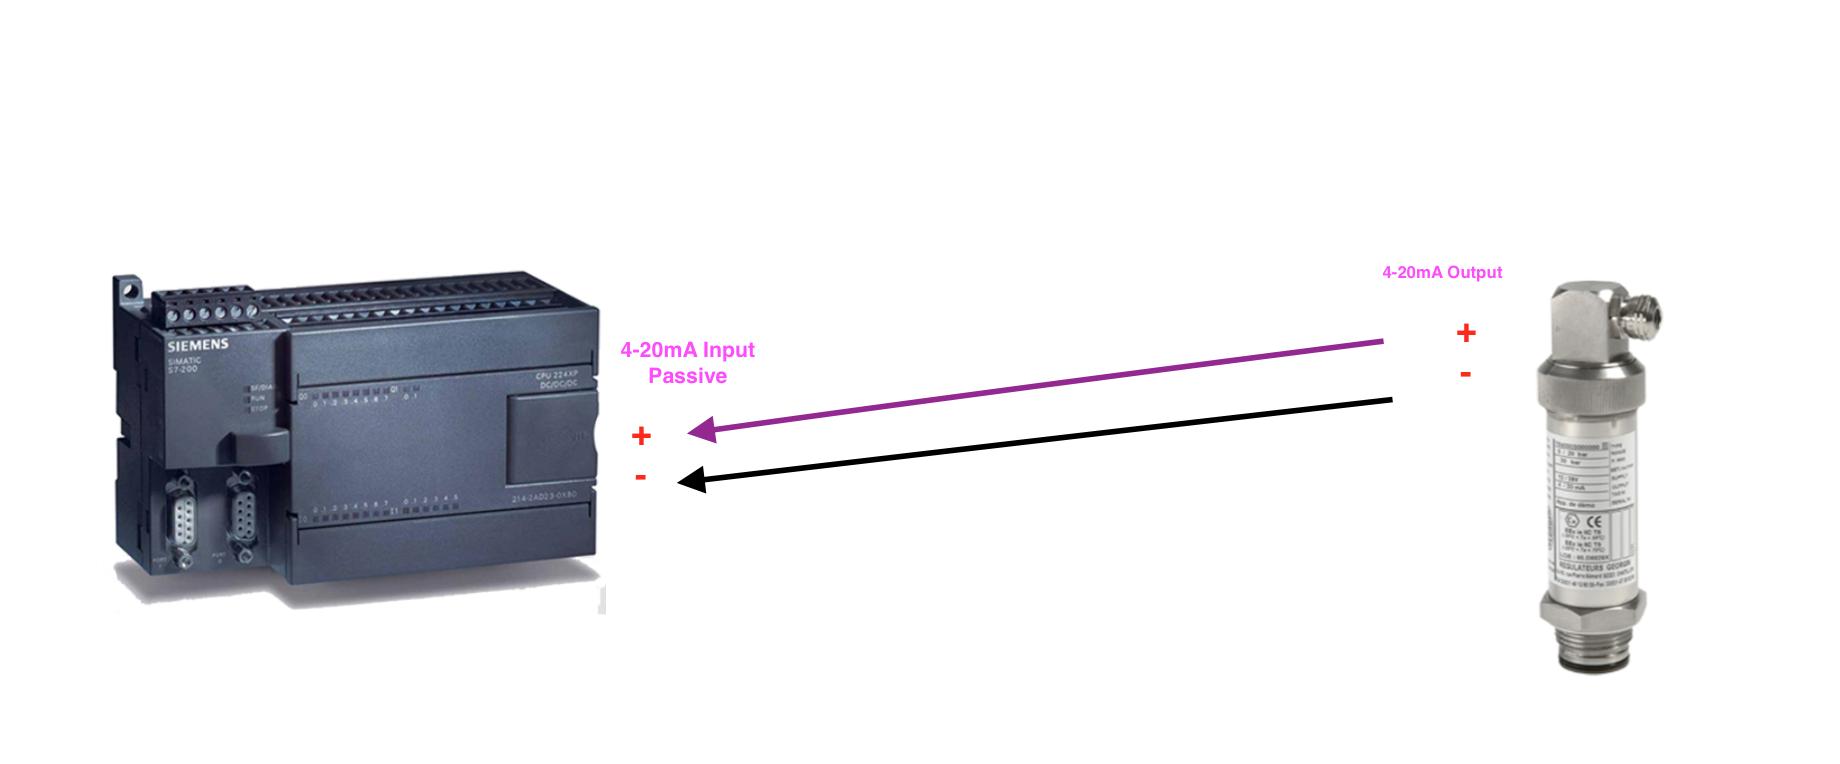 Cách đâu dây cảm biến áp suất 4-20mA Pasive